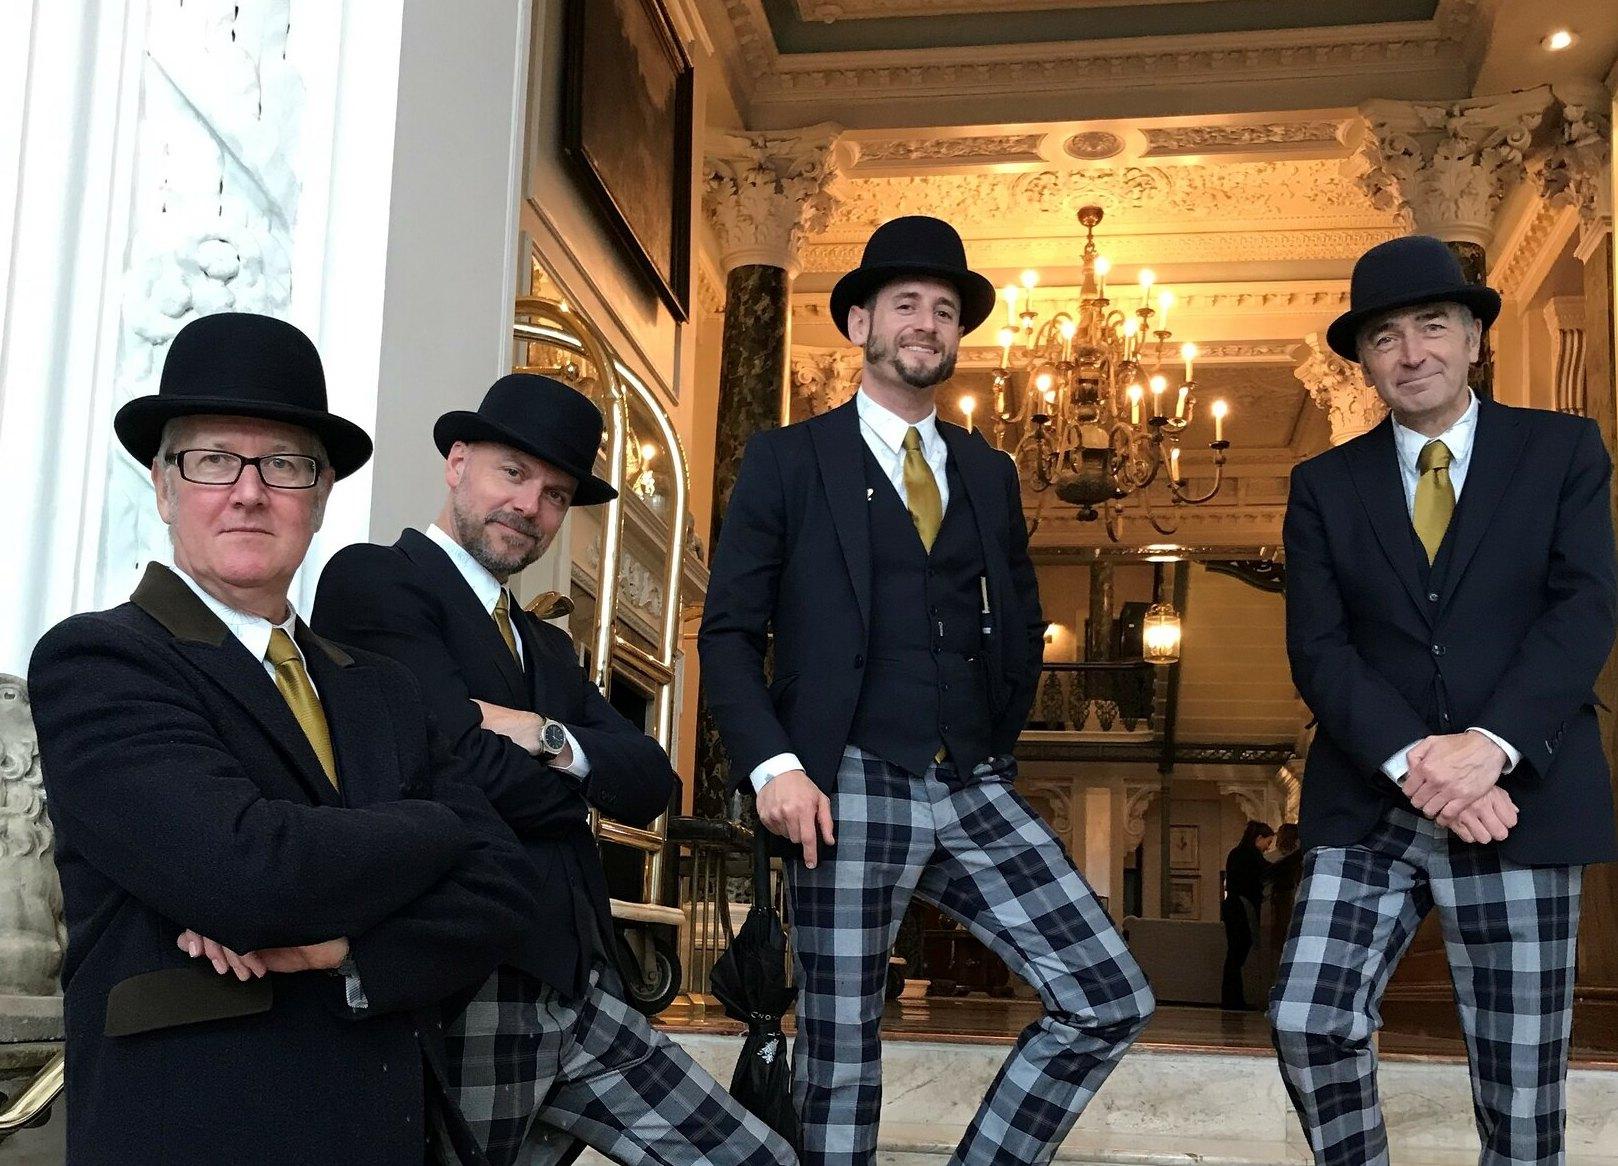 Concierge at The Grand Hotel Brighton